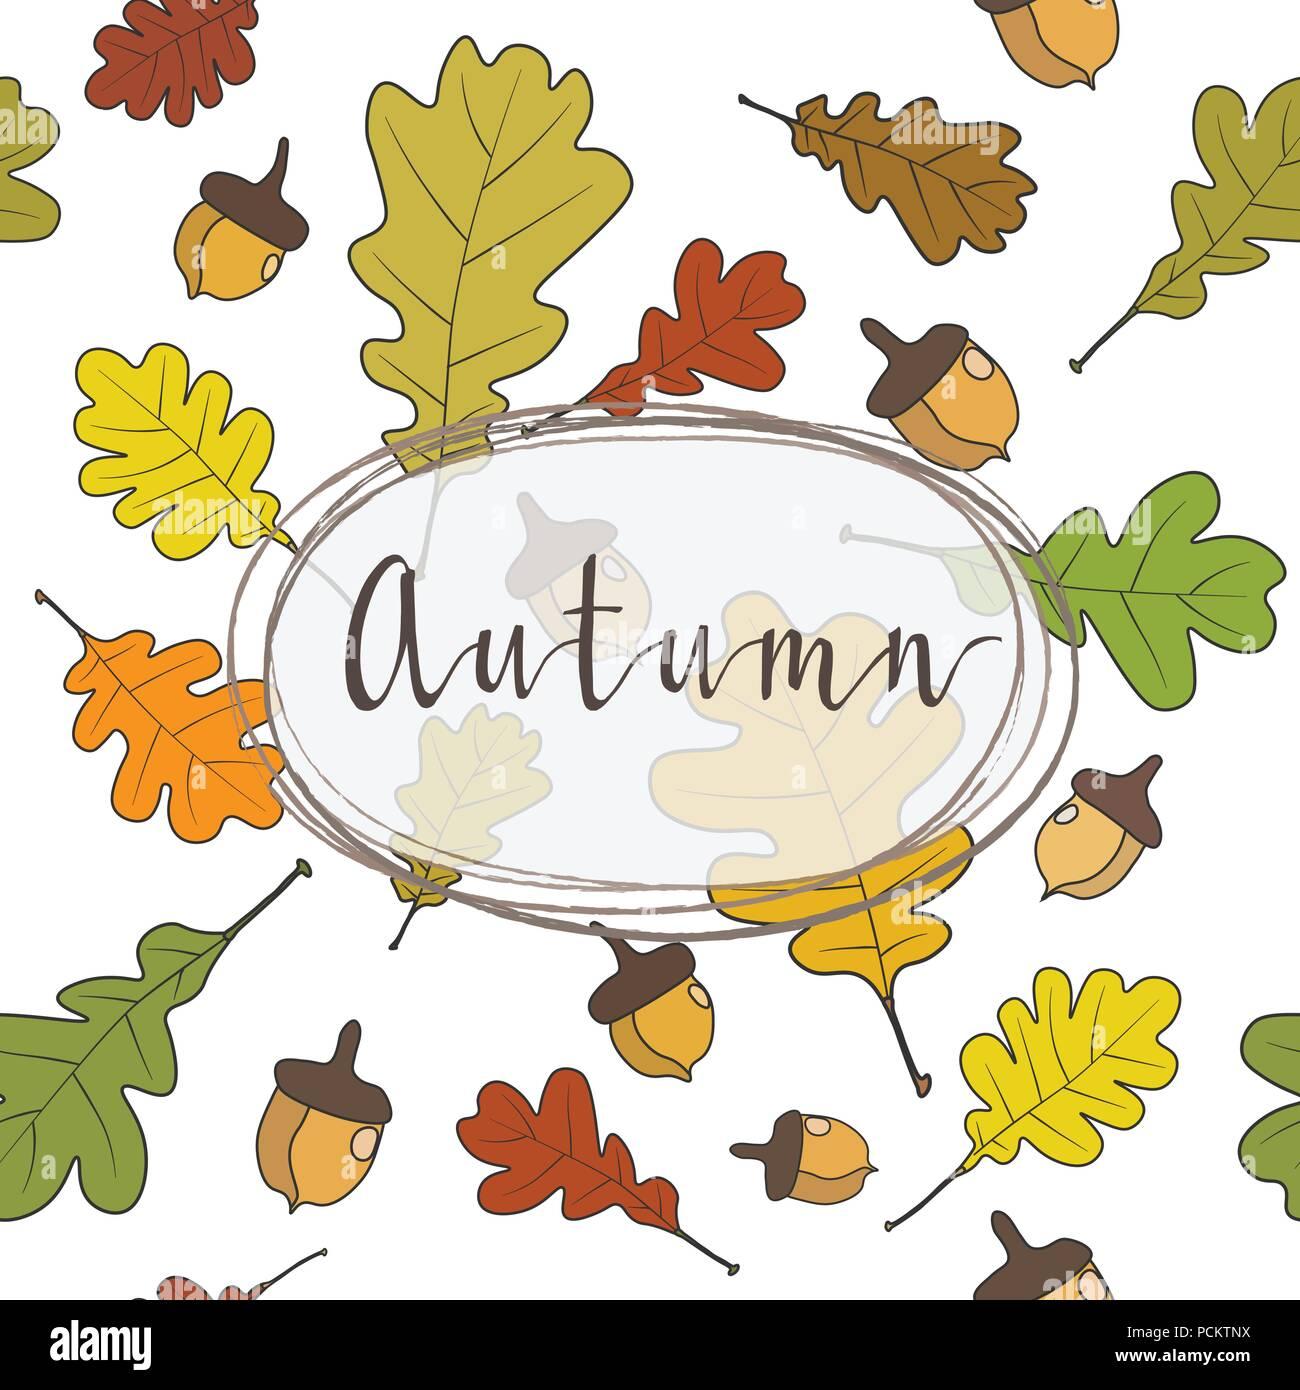 Autumn Winter Vector Vectors Imágenes De Stock & Autumn Winter ...